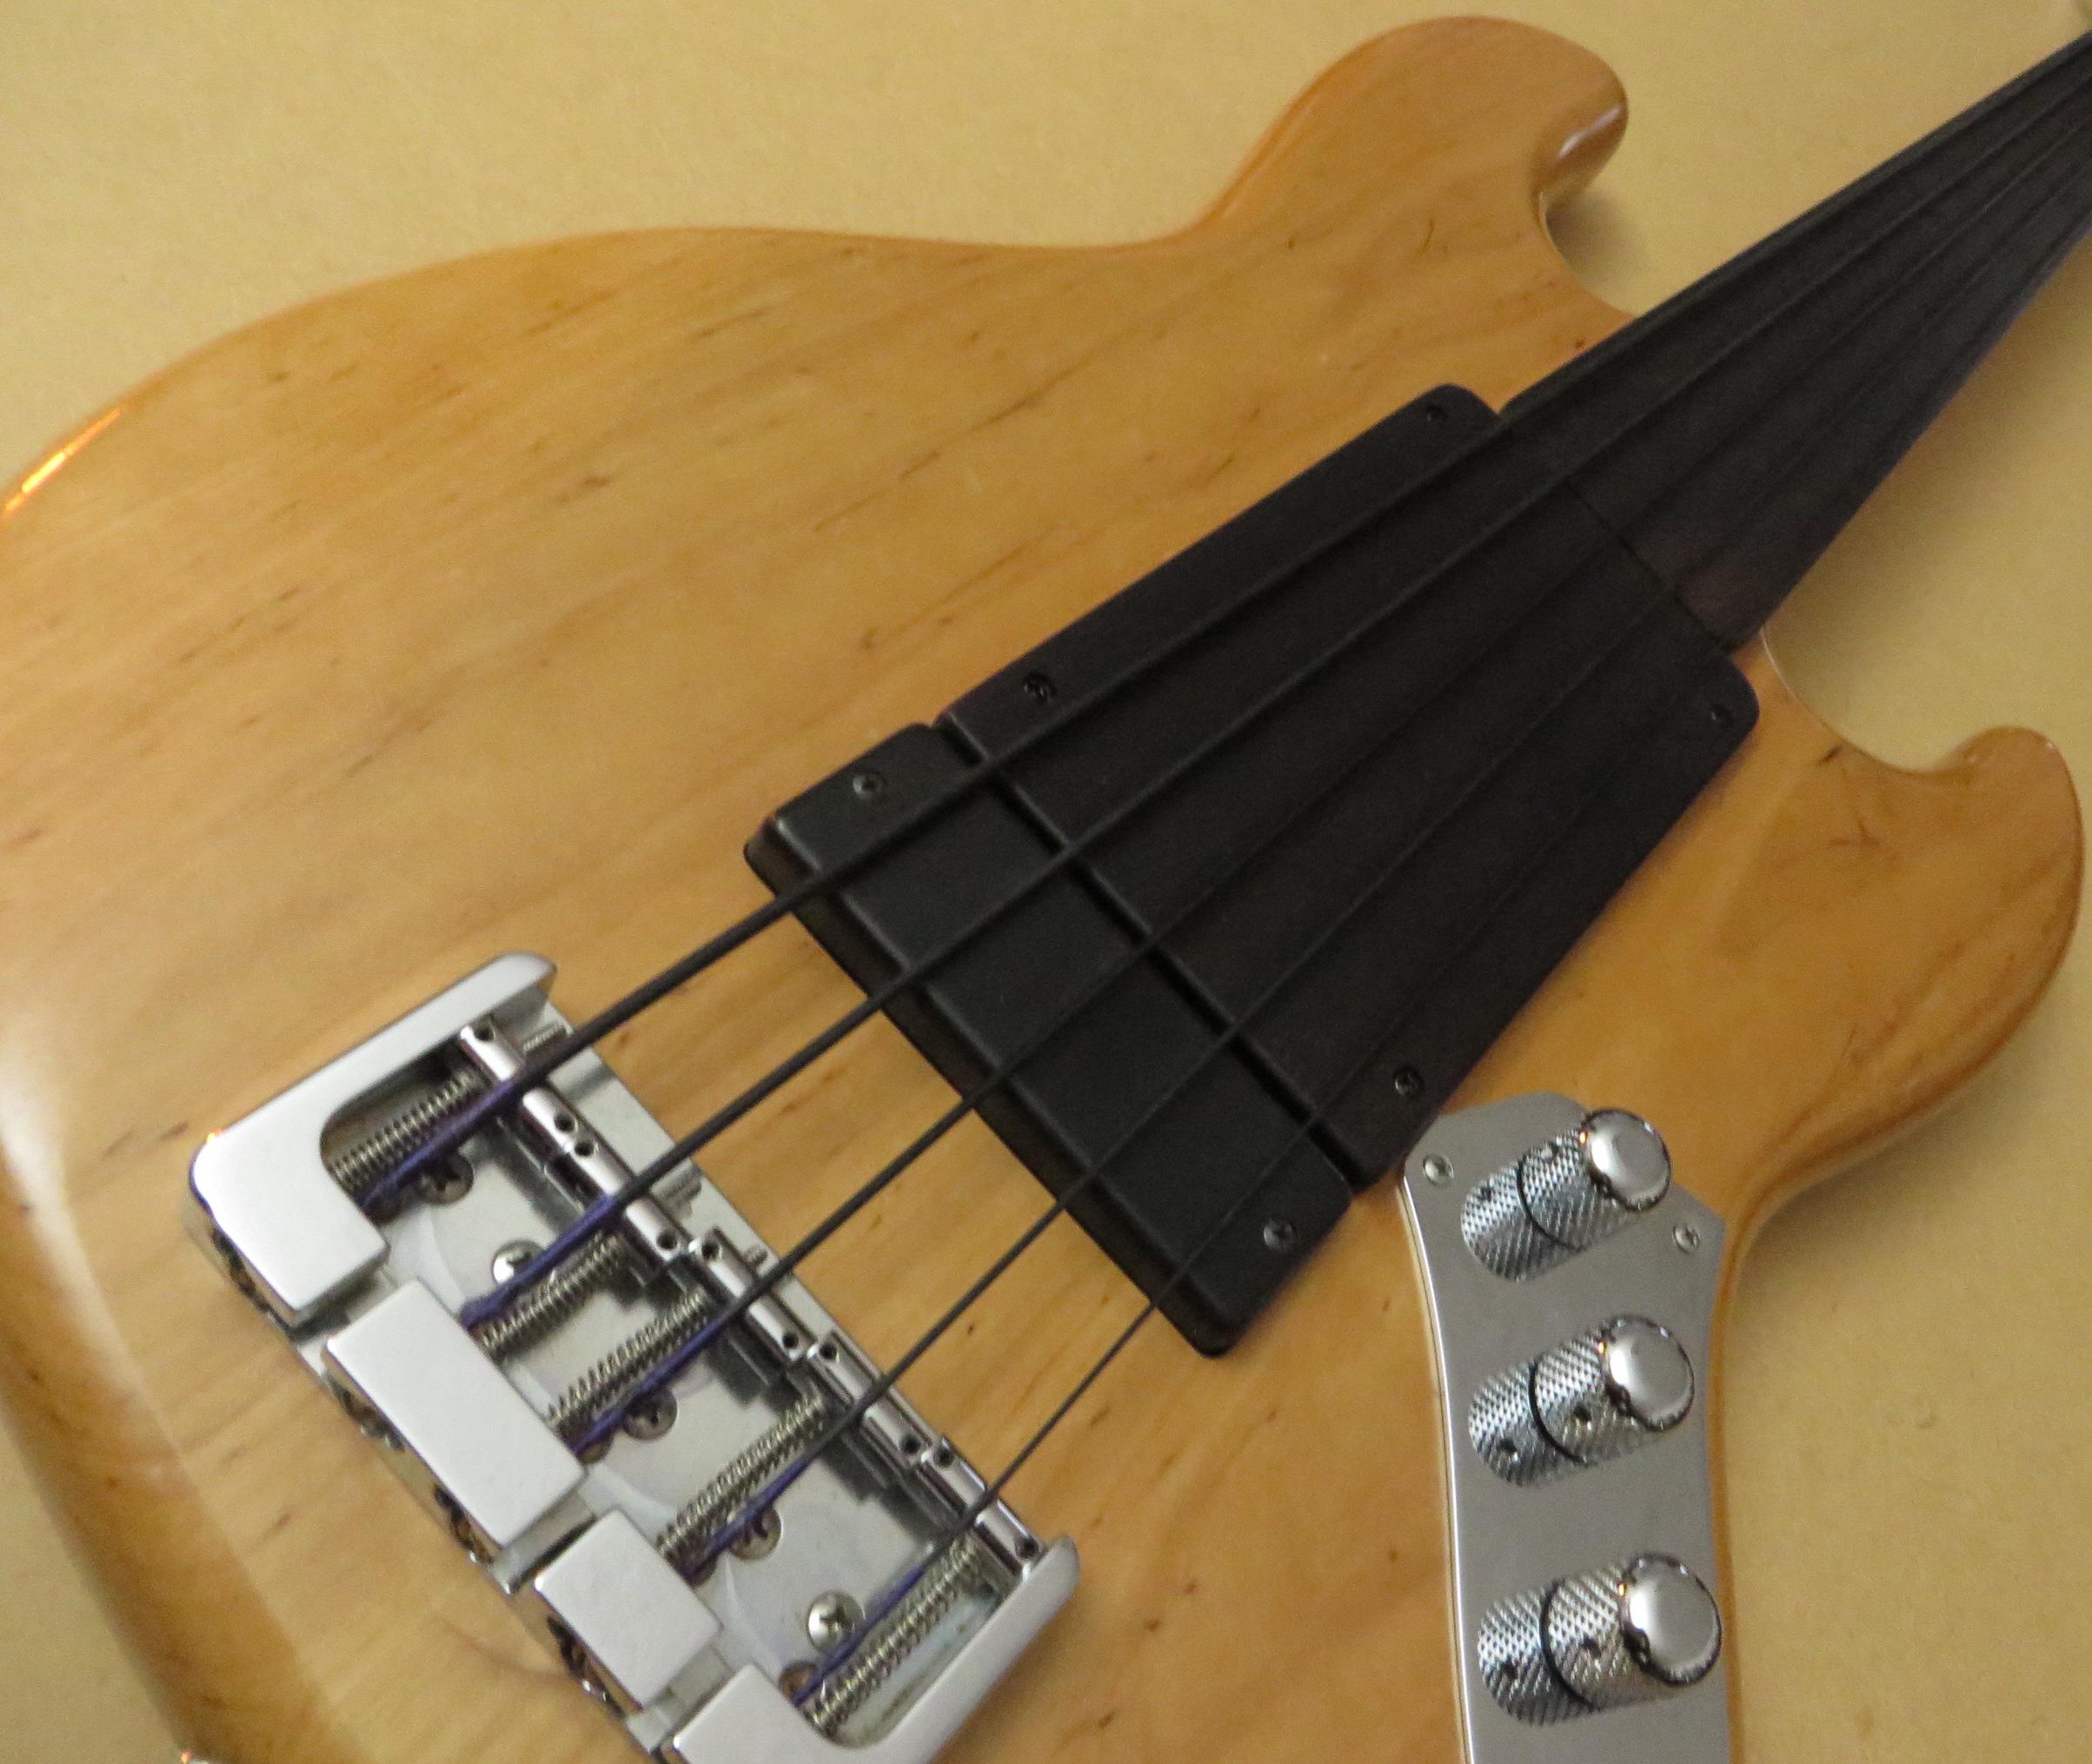 - Es kam eine neue passive Klangregelung rein, auch wieder mit Push-Pull für die Funktion Single-Coil-Humbucker auf dem Bridge Pickup. Der zusätzliche unsichtbar montierte Neck Humbucker bringt einen Preci-Sound ins Bild. Die schwarzen Nylon-Flats von Pyramid geben dem Bass einen sehr authentischen Kontrabass-Klang. Yup! Der hat jetzt alles, was man in einer Big Band so braucht.